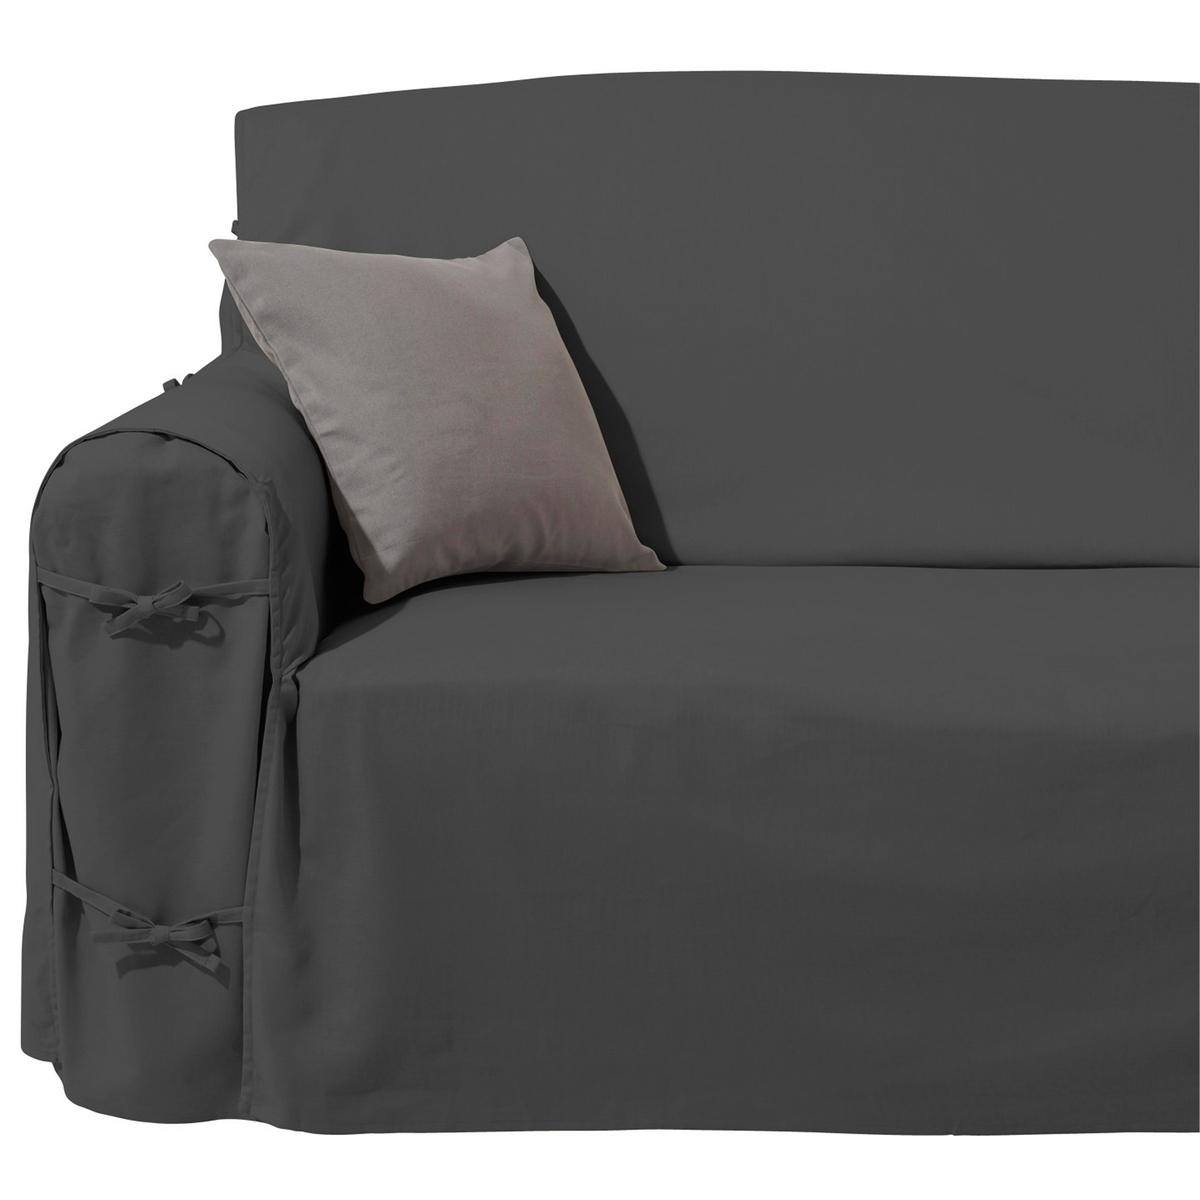 Чехол для диванаХарактеристики чехла для дивана:Практичный чехол для дивана, регулируется завязками. Красивая плотная ткань, 100% хлопок (220 г/м?).Обработка против пятен.Простой уход : стирка при 40°, превосходная стойкость цвета.Размеры чехла для дивана:Общая высота: 102 см.Глубина сиденья: 60 см.Высота : подлокотник 66 см.3 модели на выбор : - 2-местн. : шир.142 см макс.,- 2-3 местн. : шир. 180 см макс.,- 3-местн. : шир. 206 см макс..Сверьте размеры перед заказом !Качество VALEUR S?RE.Сертфикат Oeko-Tex® дает гарантию того, что товары изготовлены без применения химических средств и не представляют опасности для здоровья человека  .<br><br>Цвет: антрацит,облачно-серый,рубиново-красный,серо-коричневый каштан,сине-зеленый<br>Размер: 2 места.2/3 мест.2 места